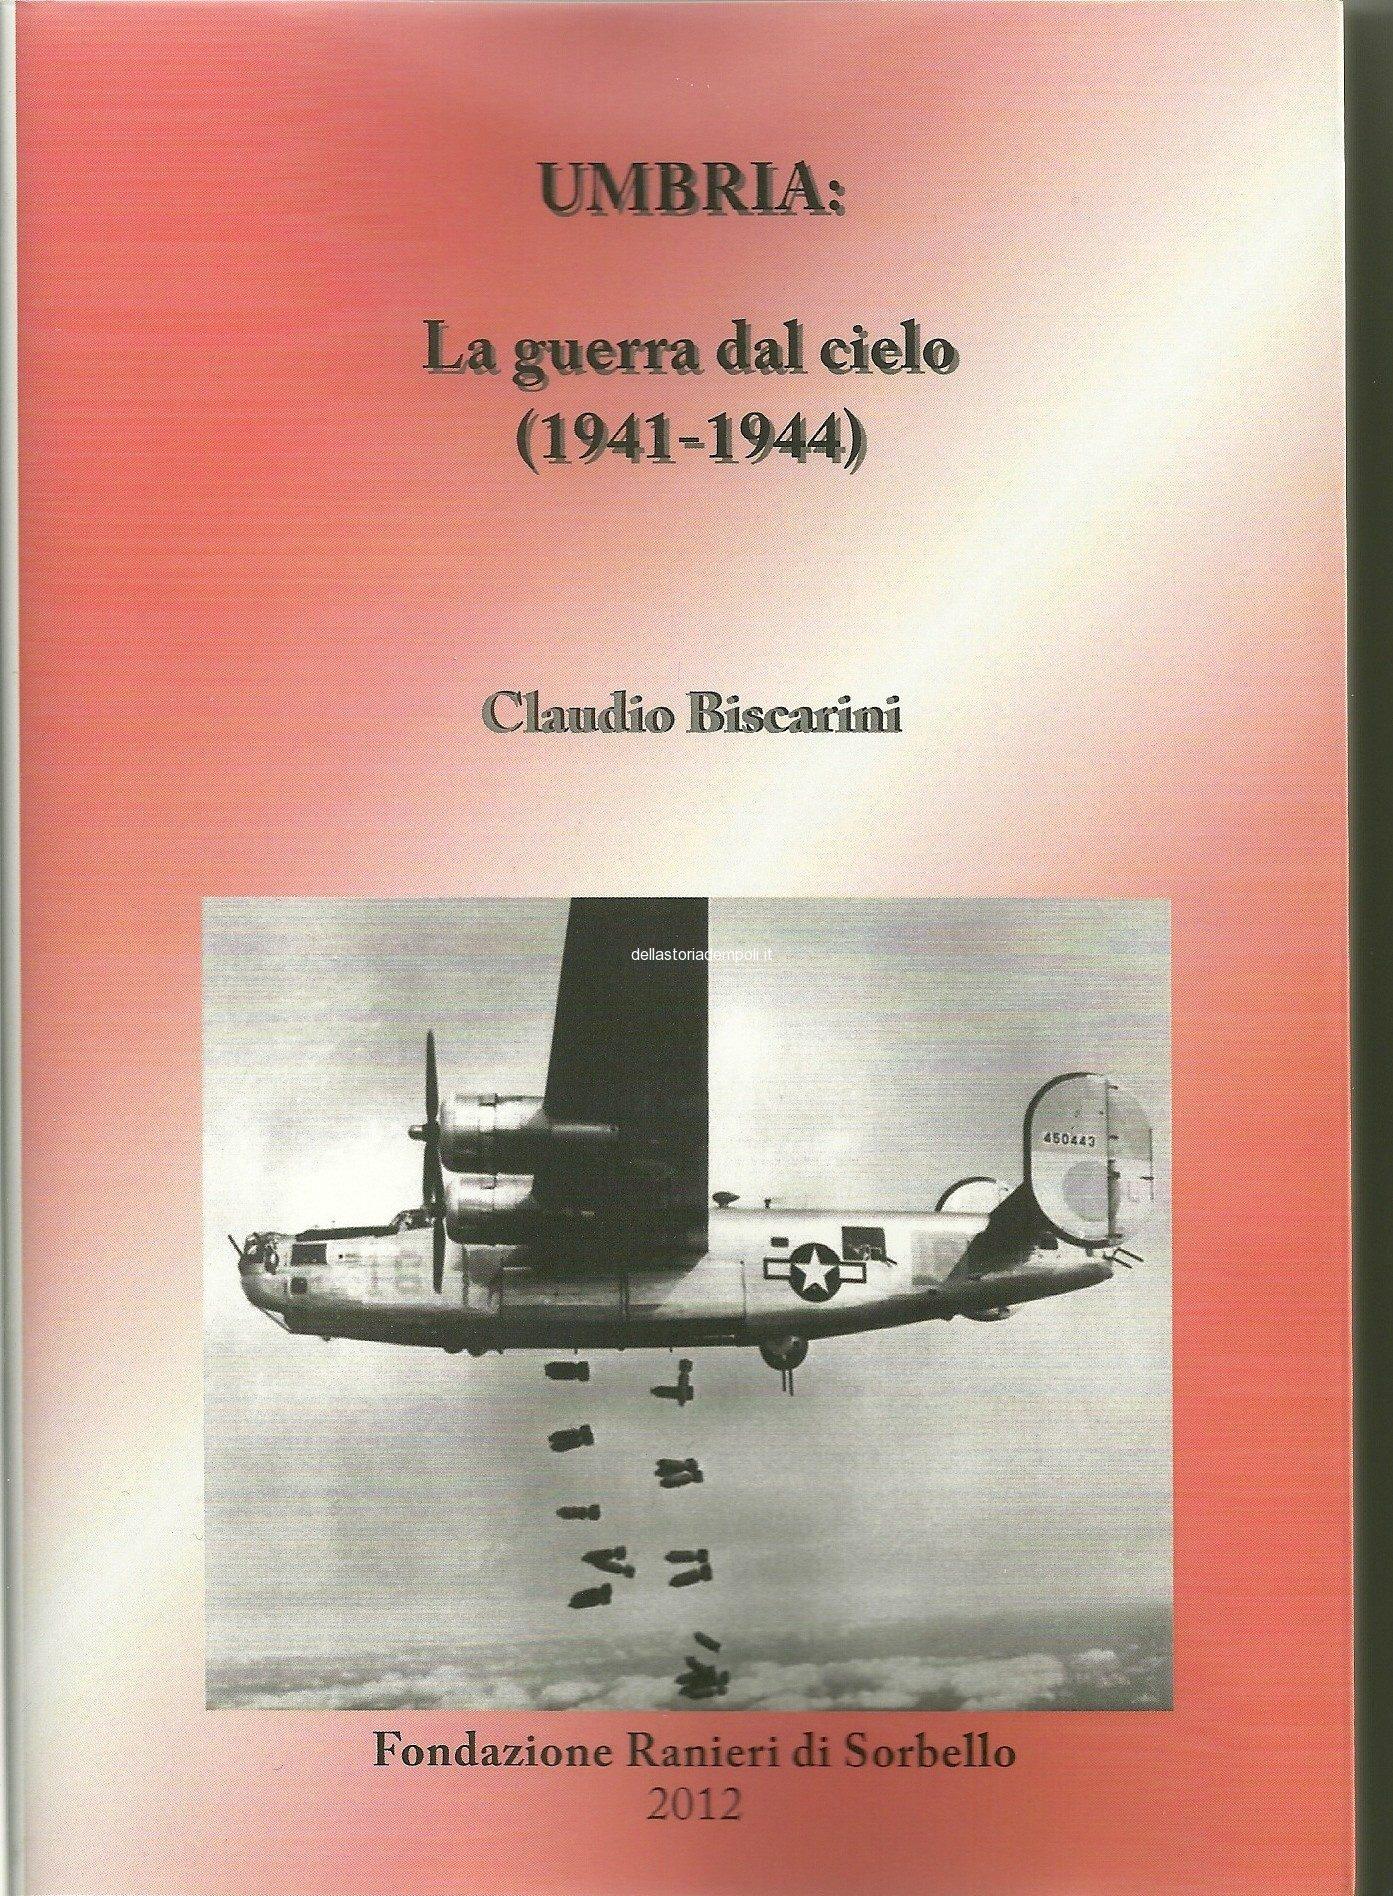 Claudio Biscarini: è Appena Uscito Il Suo Ultimo Libro…